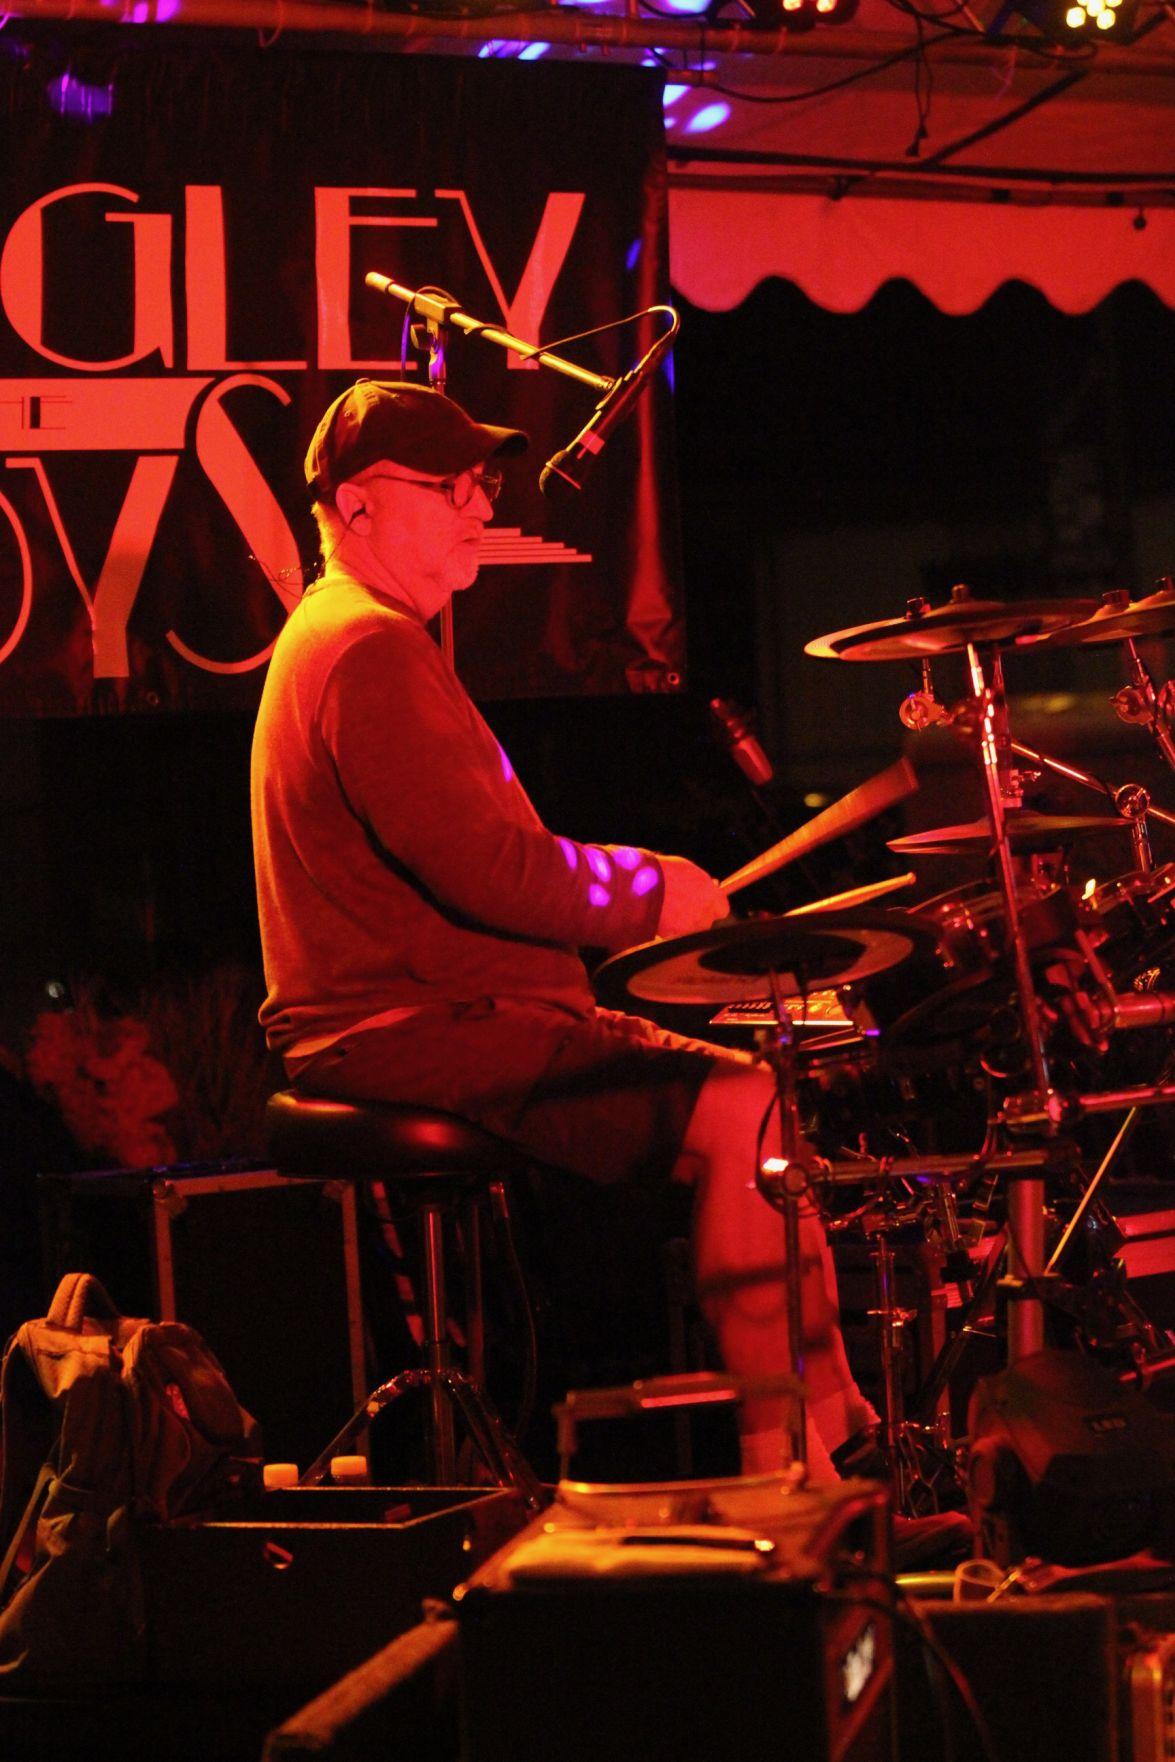 Kevin Patten